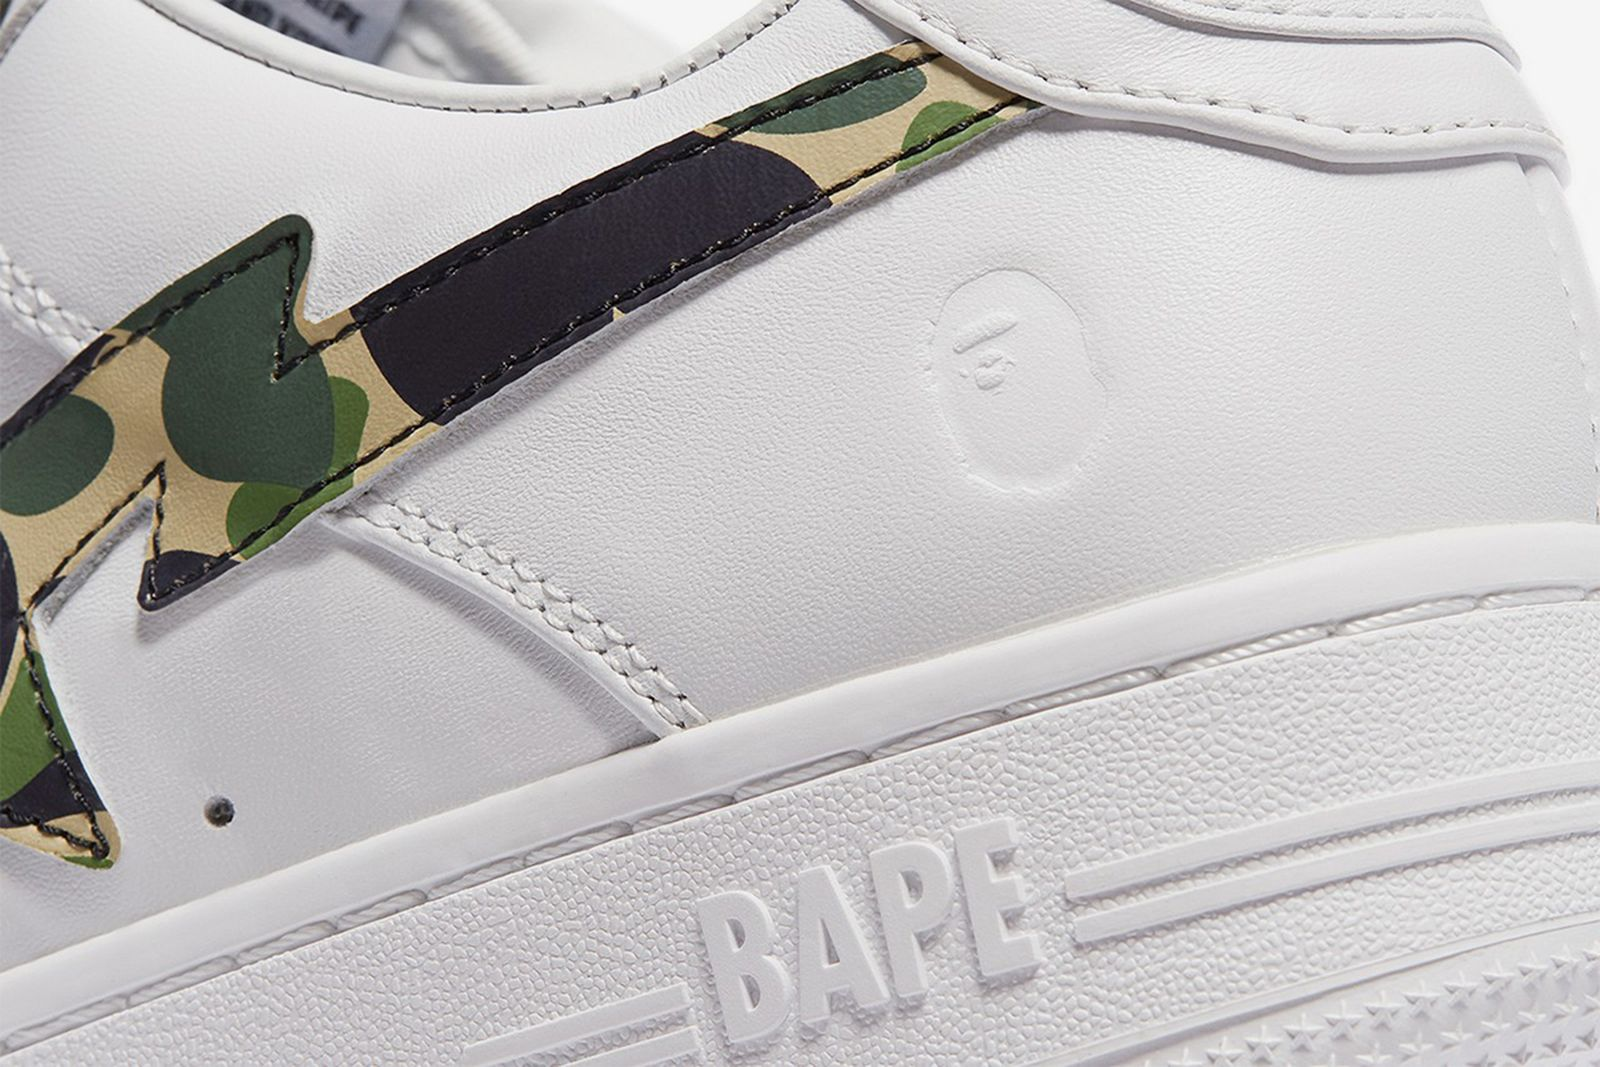 bape-sta-abc-camo-2021-release-date-price-1-03